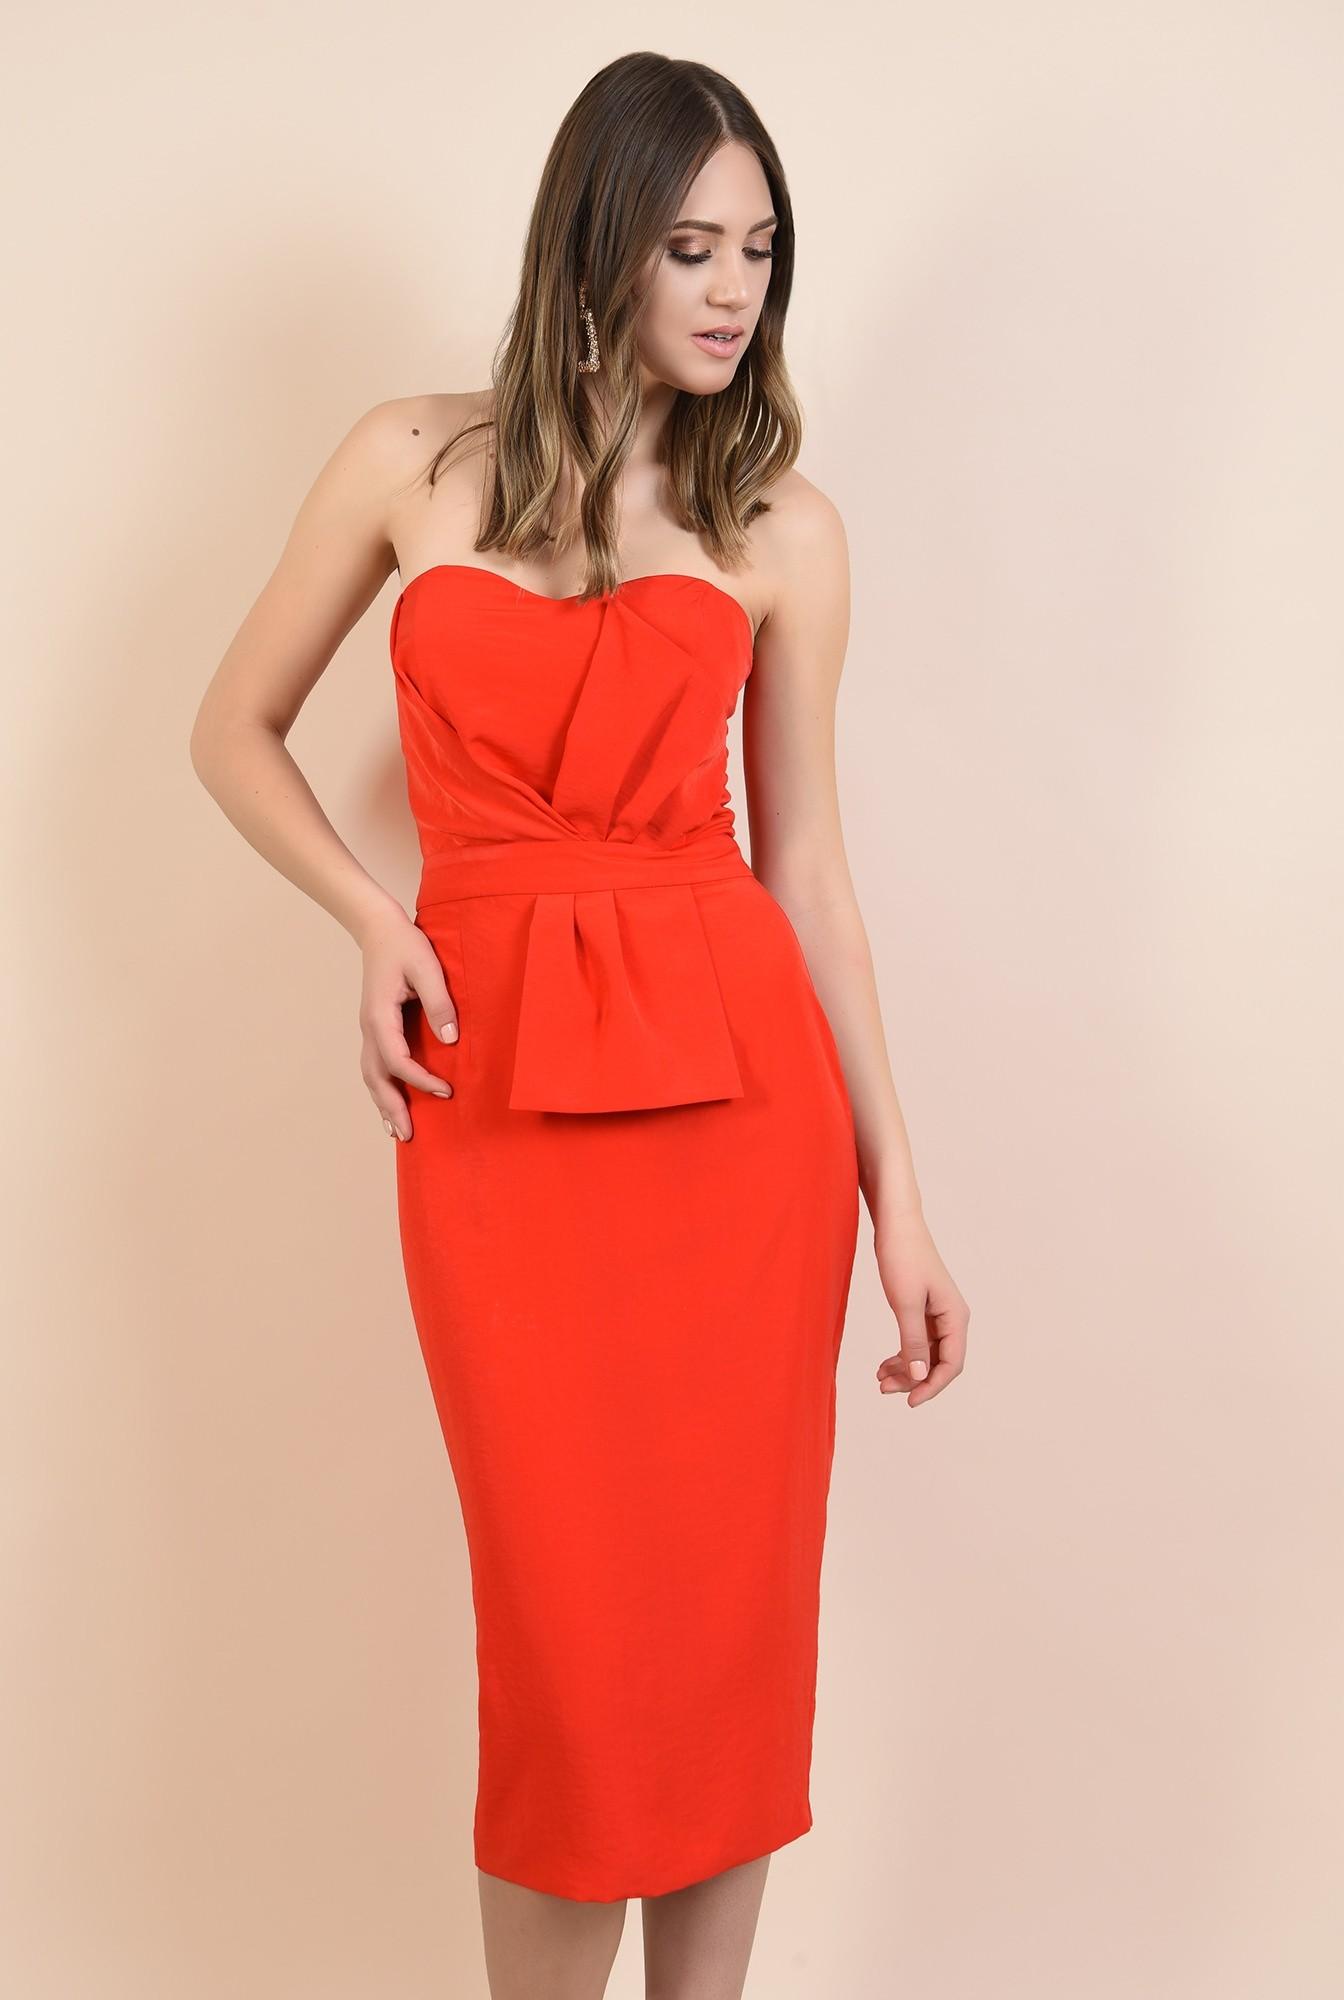 0 - rochie rosie, de ocazie, midi, conica, funda supradimensionata